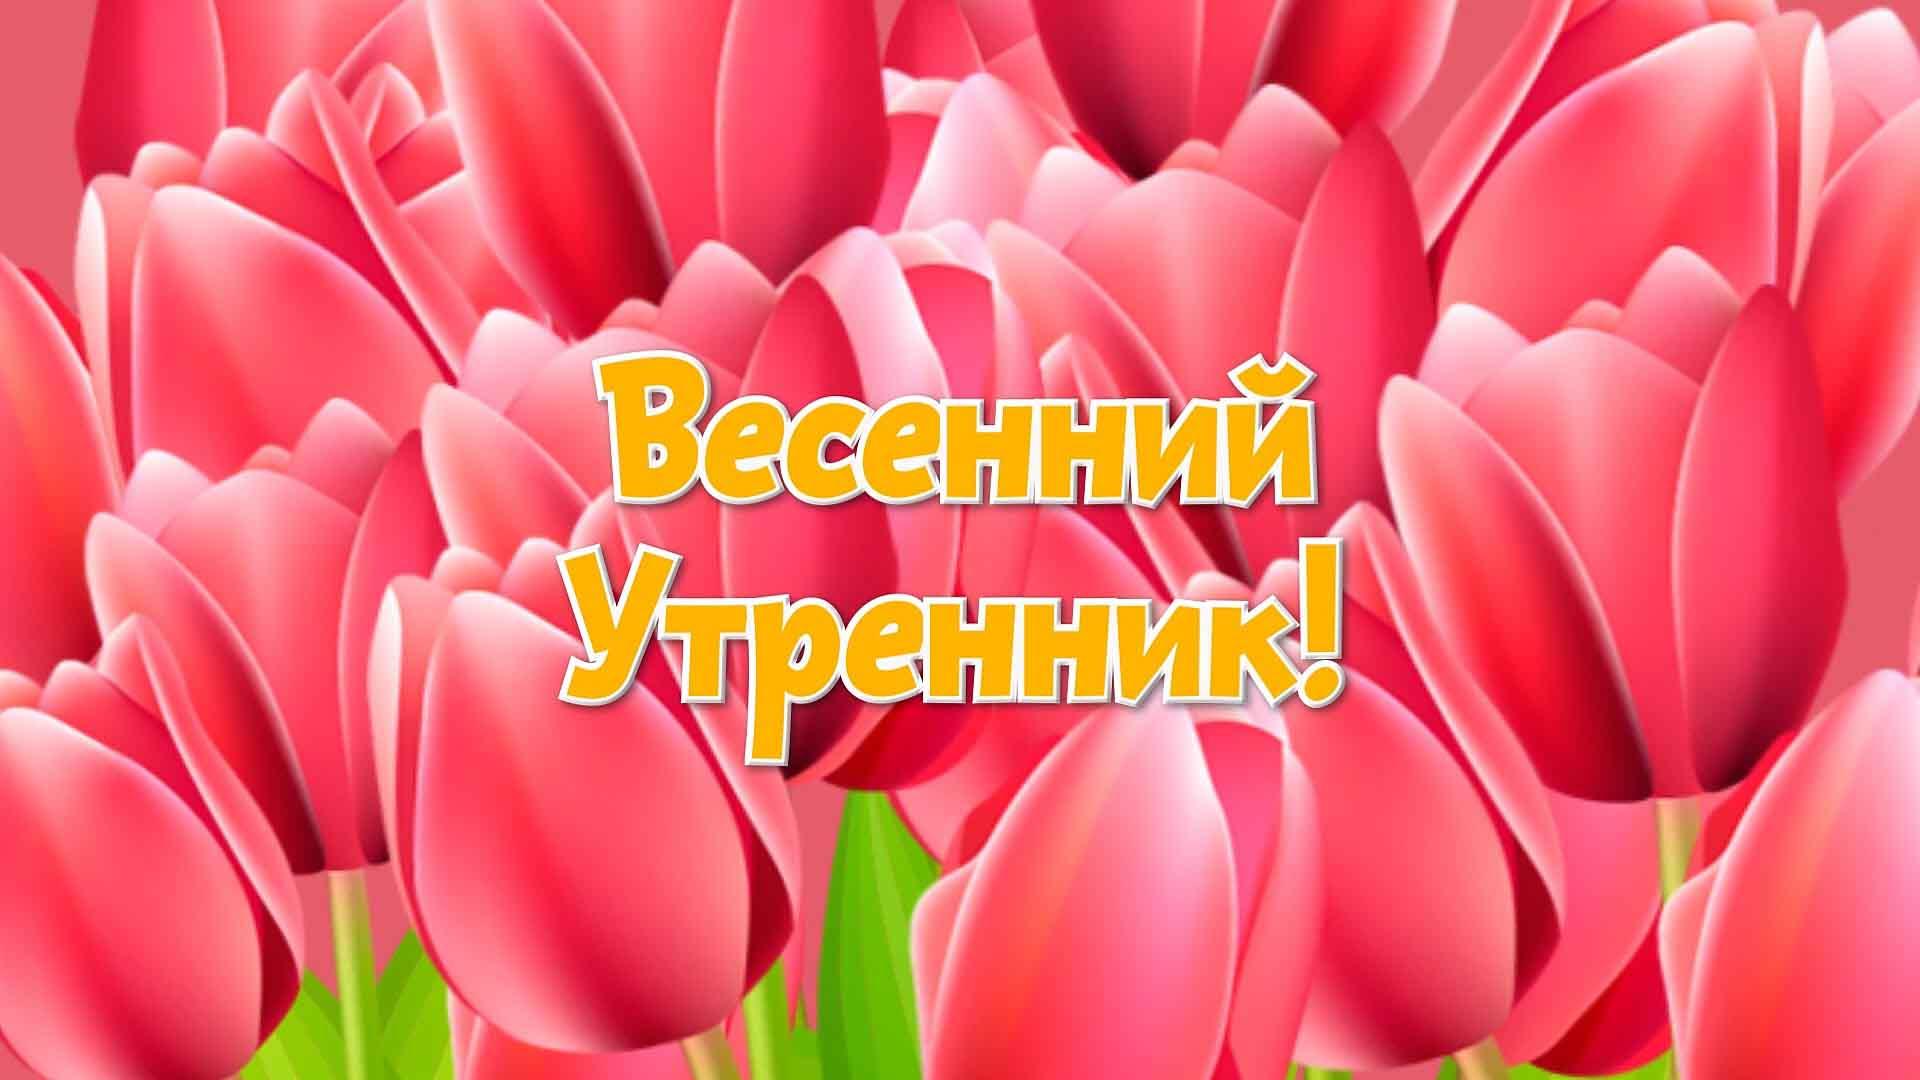 видеооператор на весенний утренник Москва Королев Мытищи Пушкино Ивантеевка